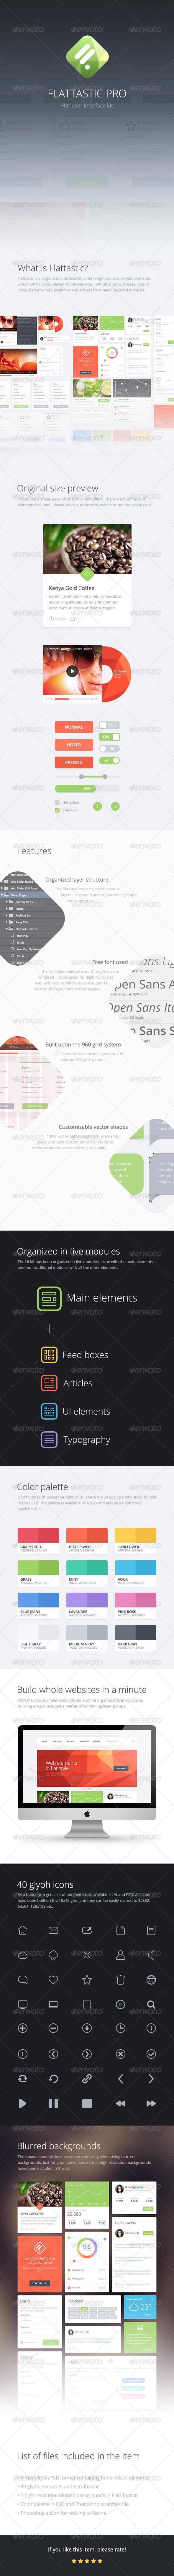 GraphicRiver Flattastic Pro 5200080